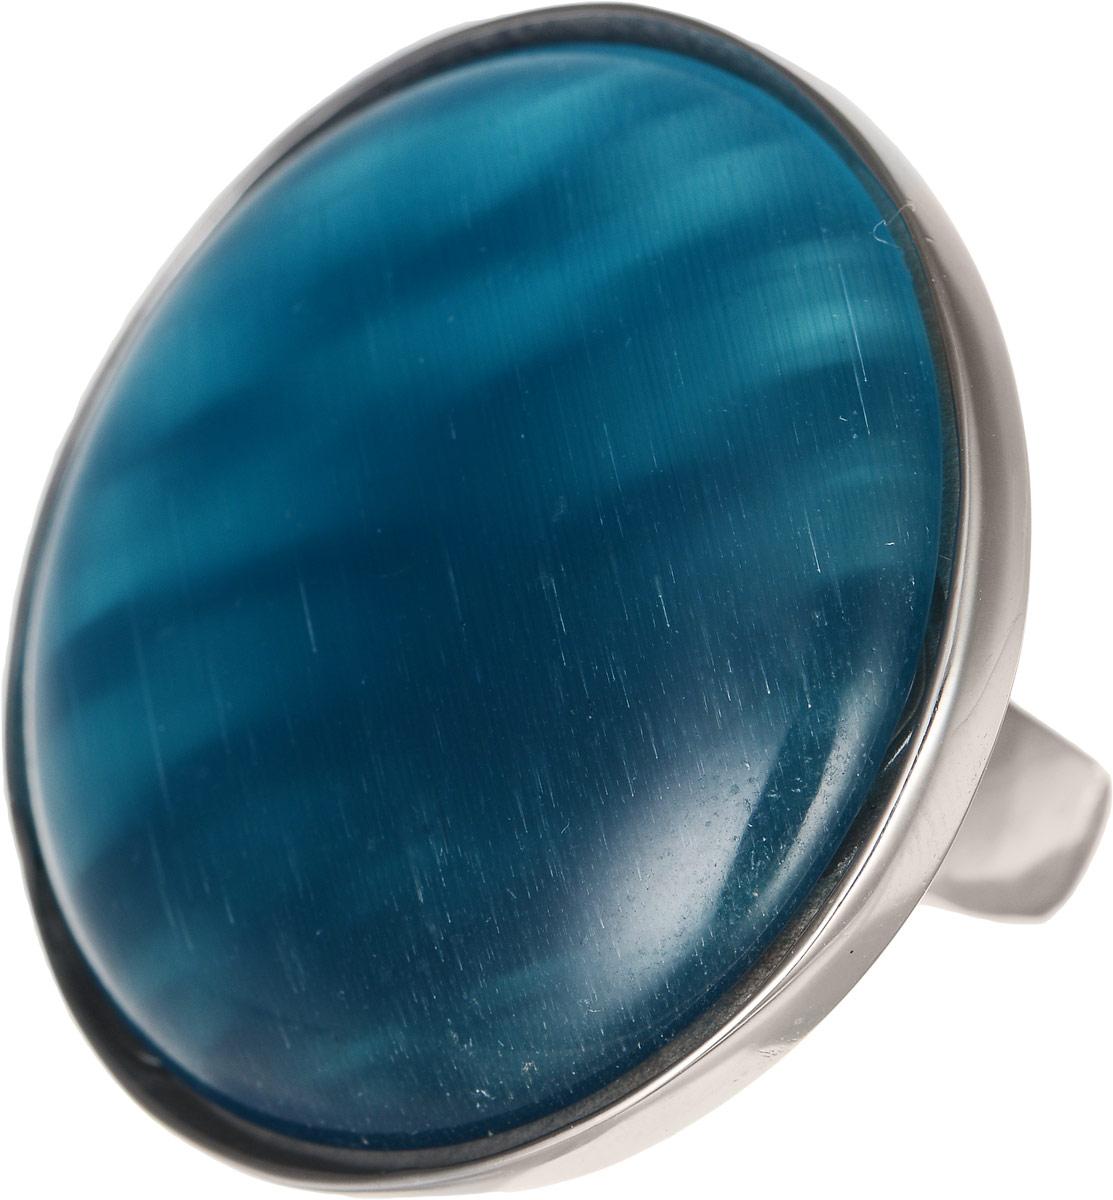 Кольцо Polina Selezneva, цвет: серебристый, синий. DG-0008. Размер 18Коктейльное кольцоОригинальное кольцо Polina Selezneva выполнено из бижутерийного сплава. Изделие круглой формы, дополнено искусственным камнем. Такое кольцо это блестящее завершение вашего неповторимого, смелого образа и отличный подарок для ценительницы необычных украшений!